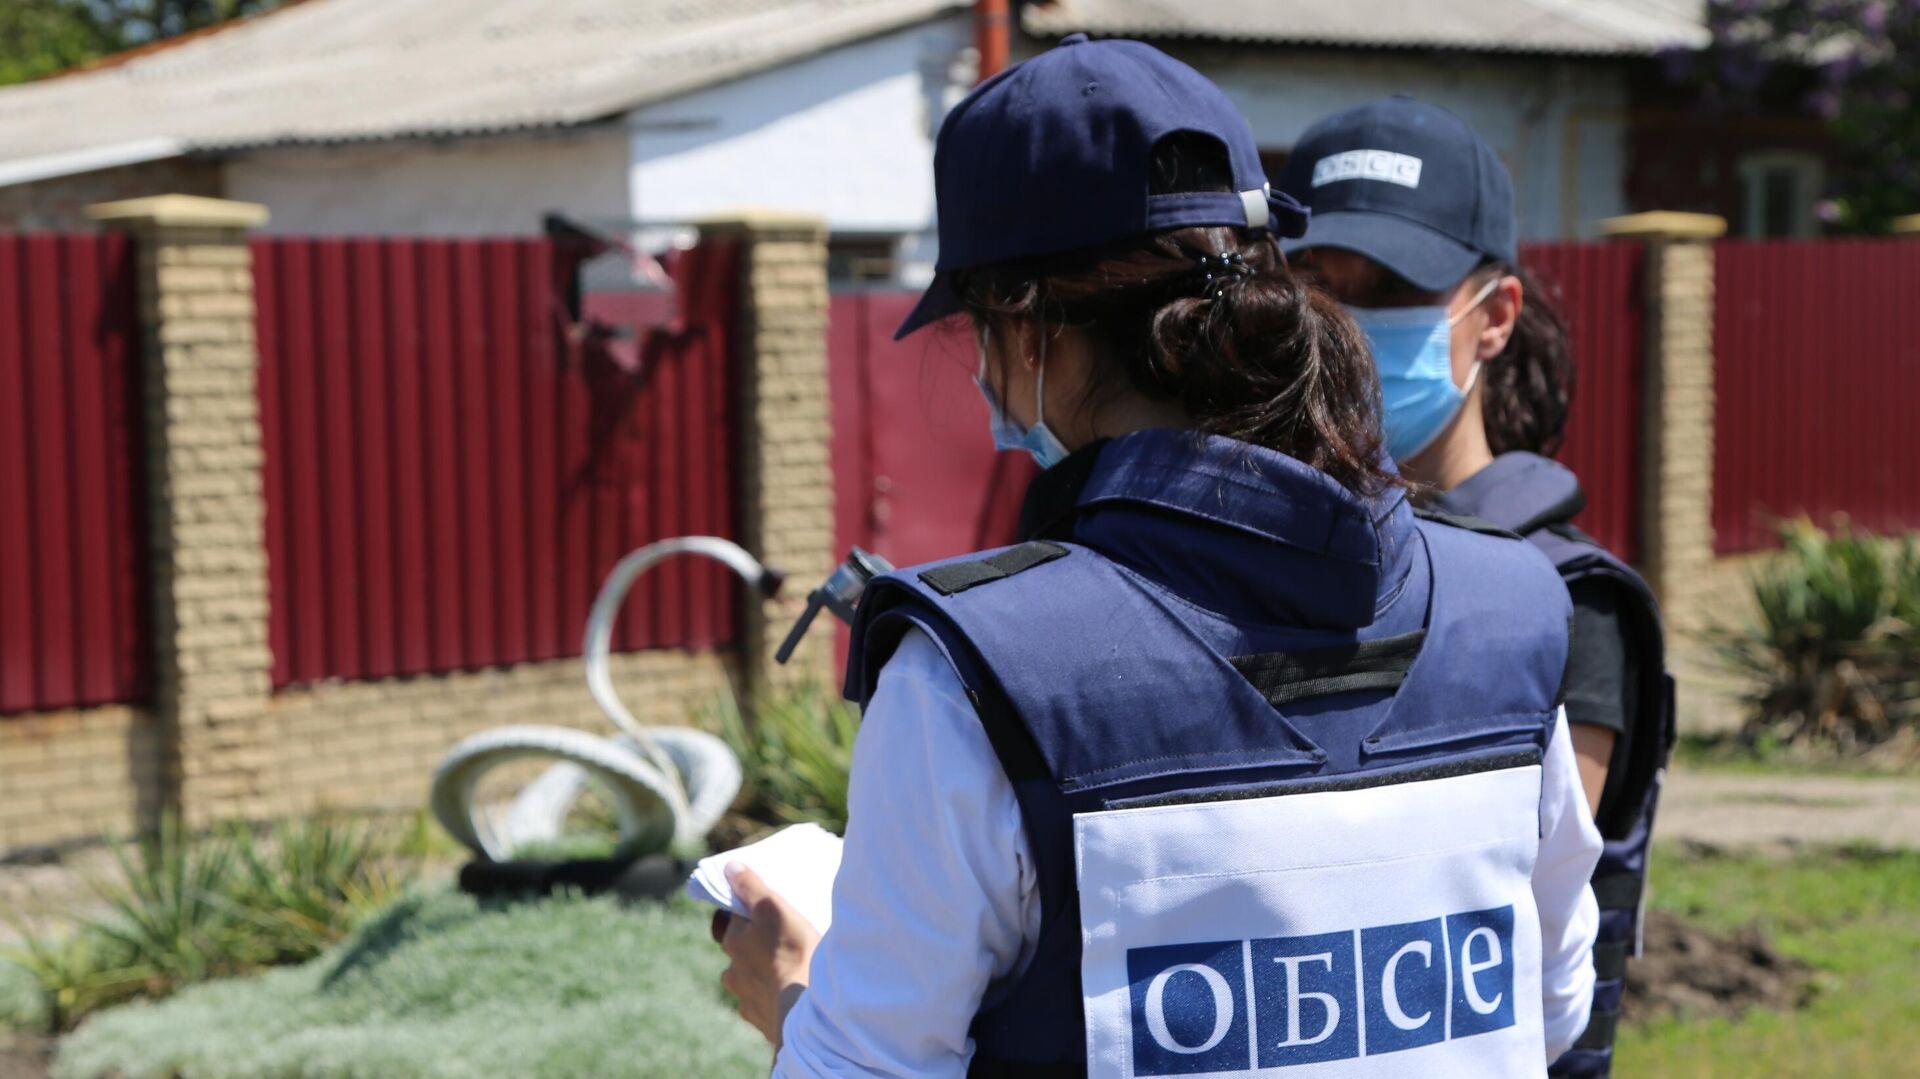 Представители мониторинговой миссии ОБСЕ прибыли на место обстрела в Петровском районе Донецка - РИА Новости, 1920, 25.07.2021